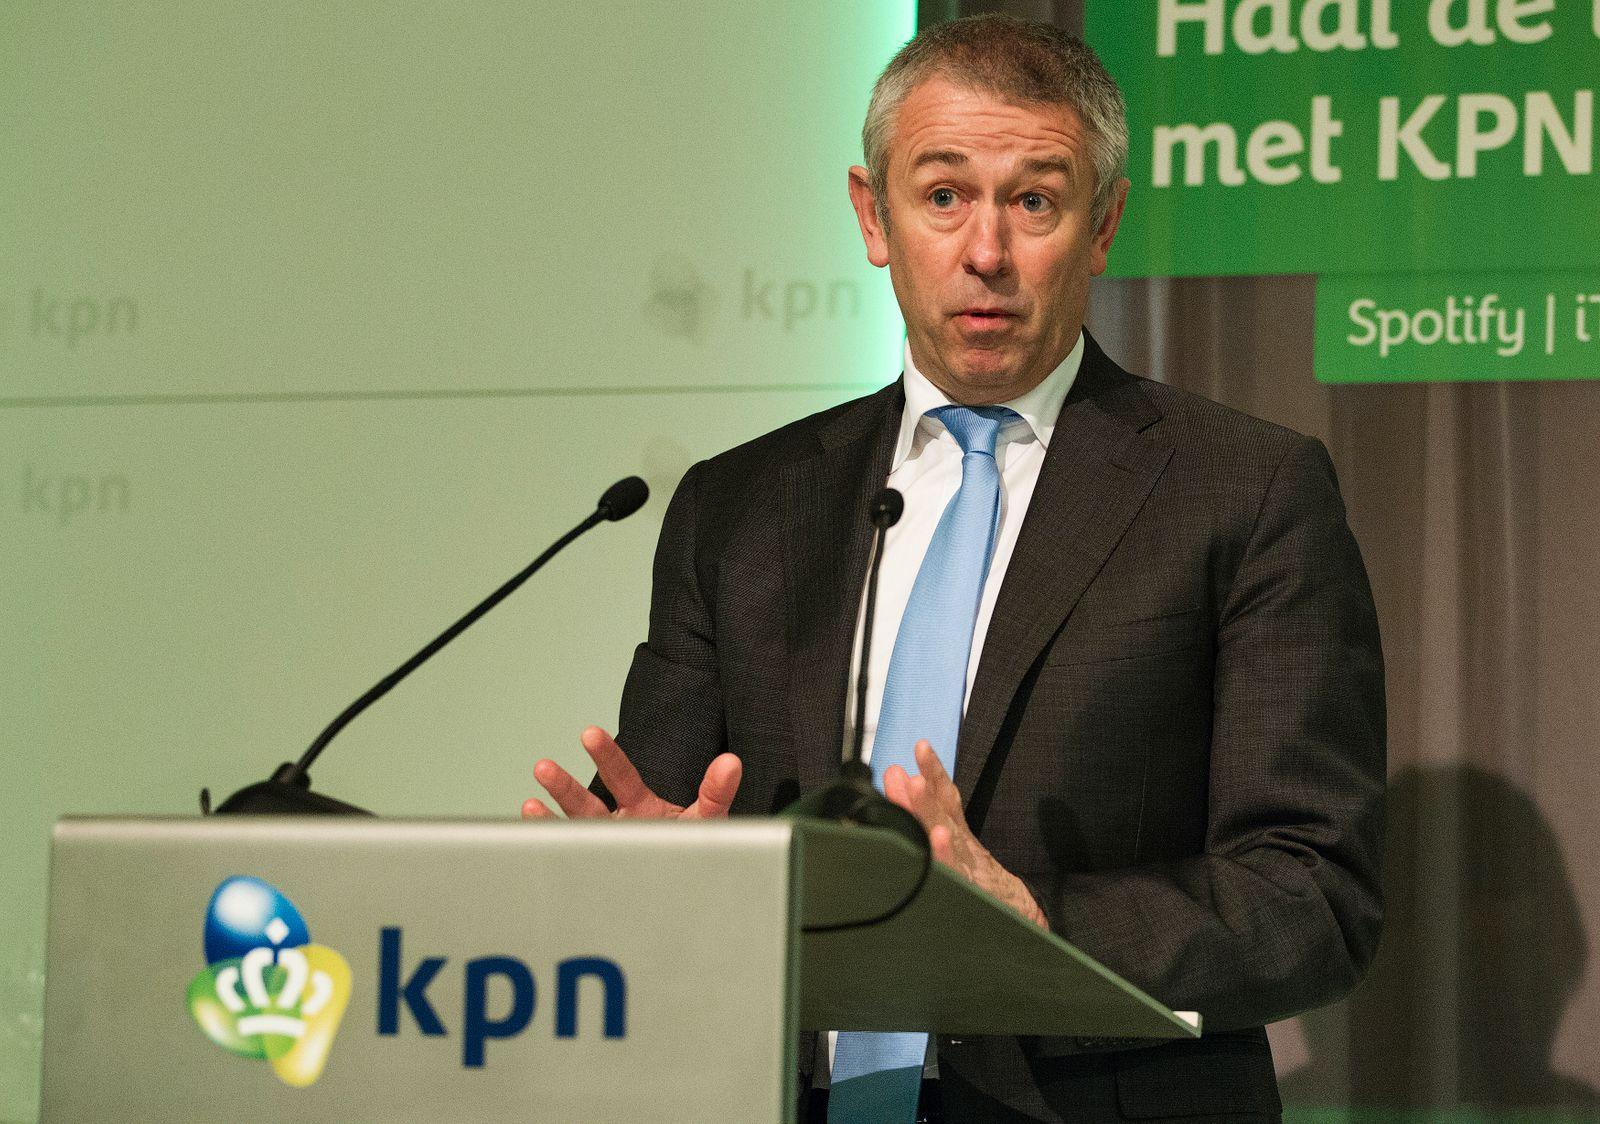 Eelco Blok / KPN